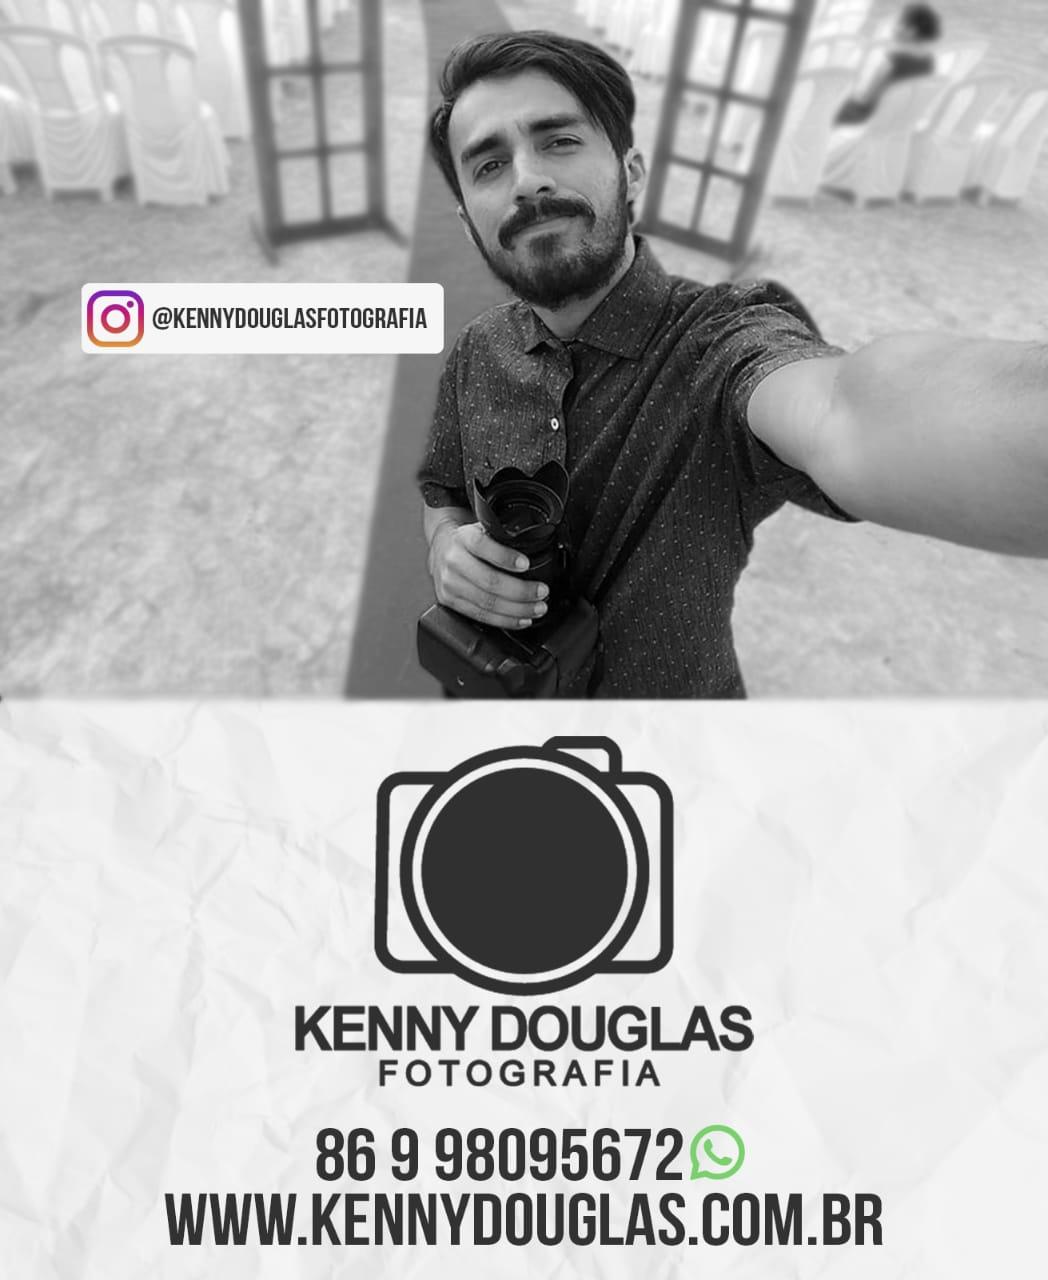 Kenny Douglas Fotografia